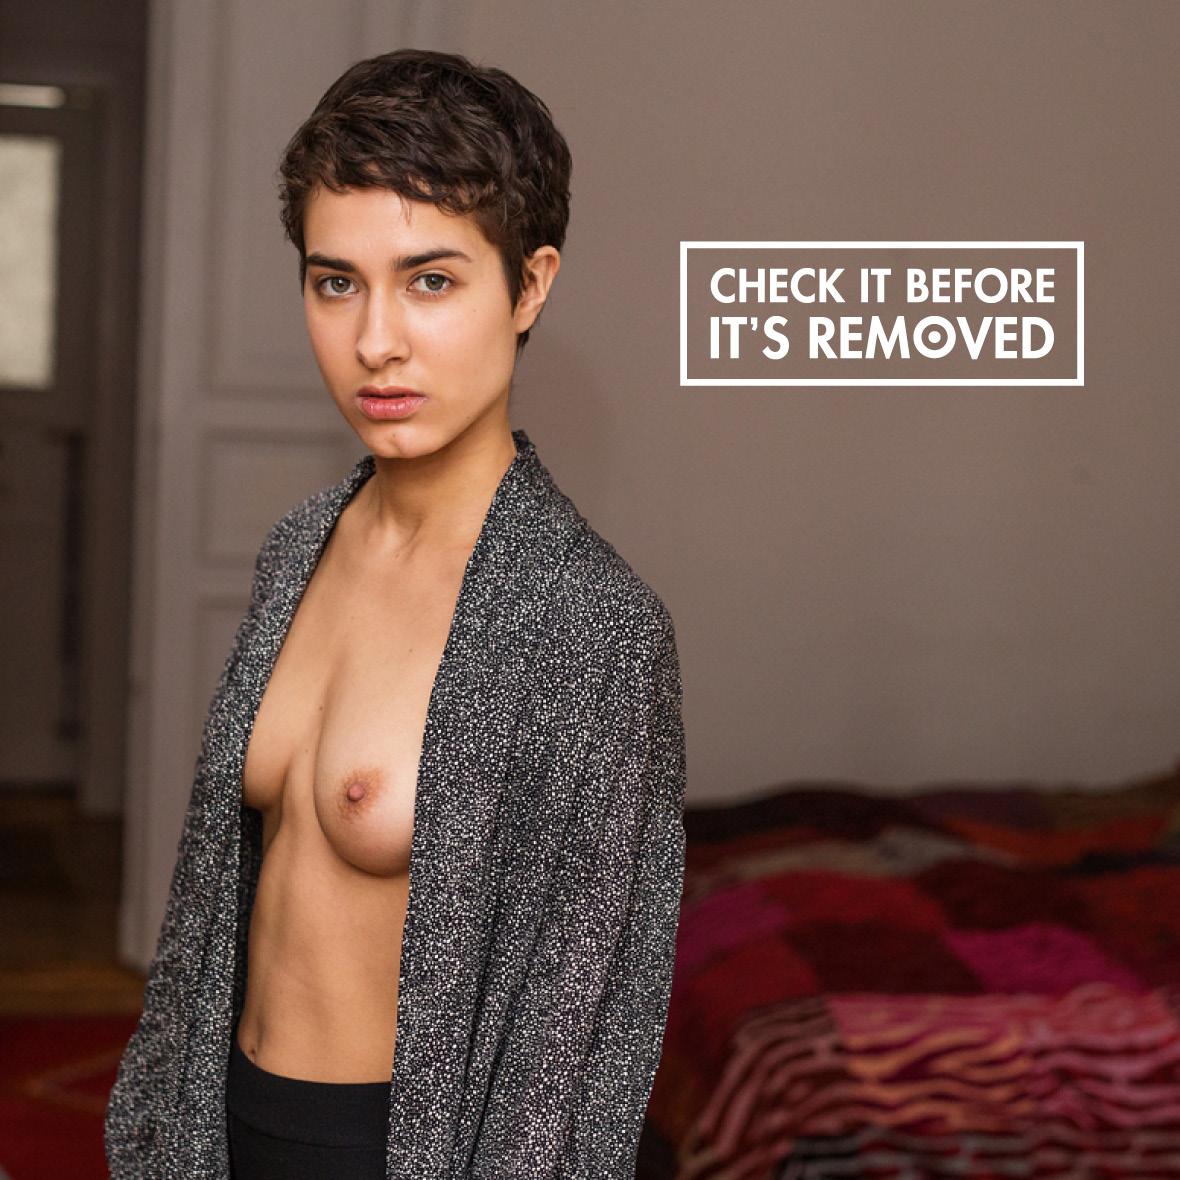 Wie mit Hilfe des Gedankens, die Brust zu vergrössern